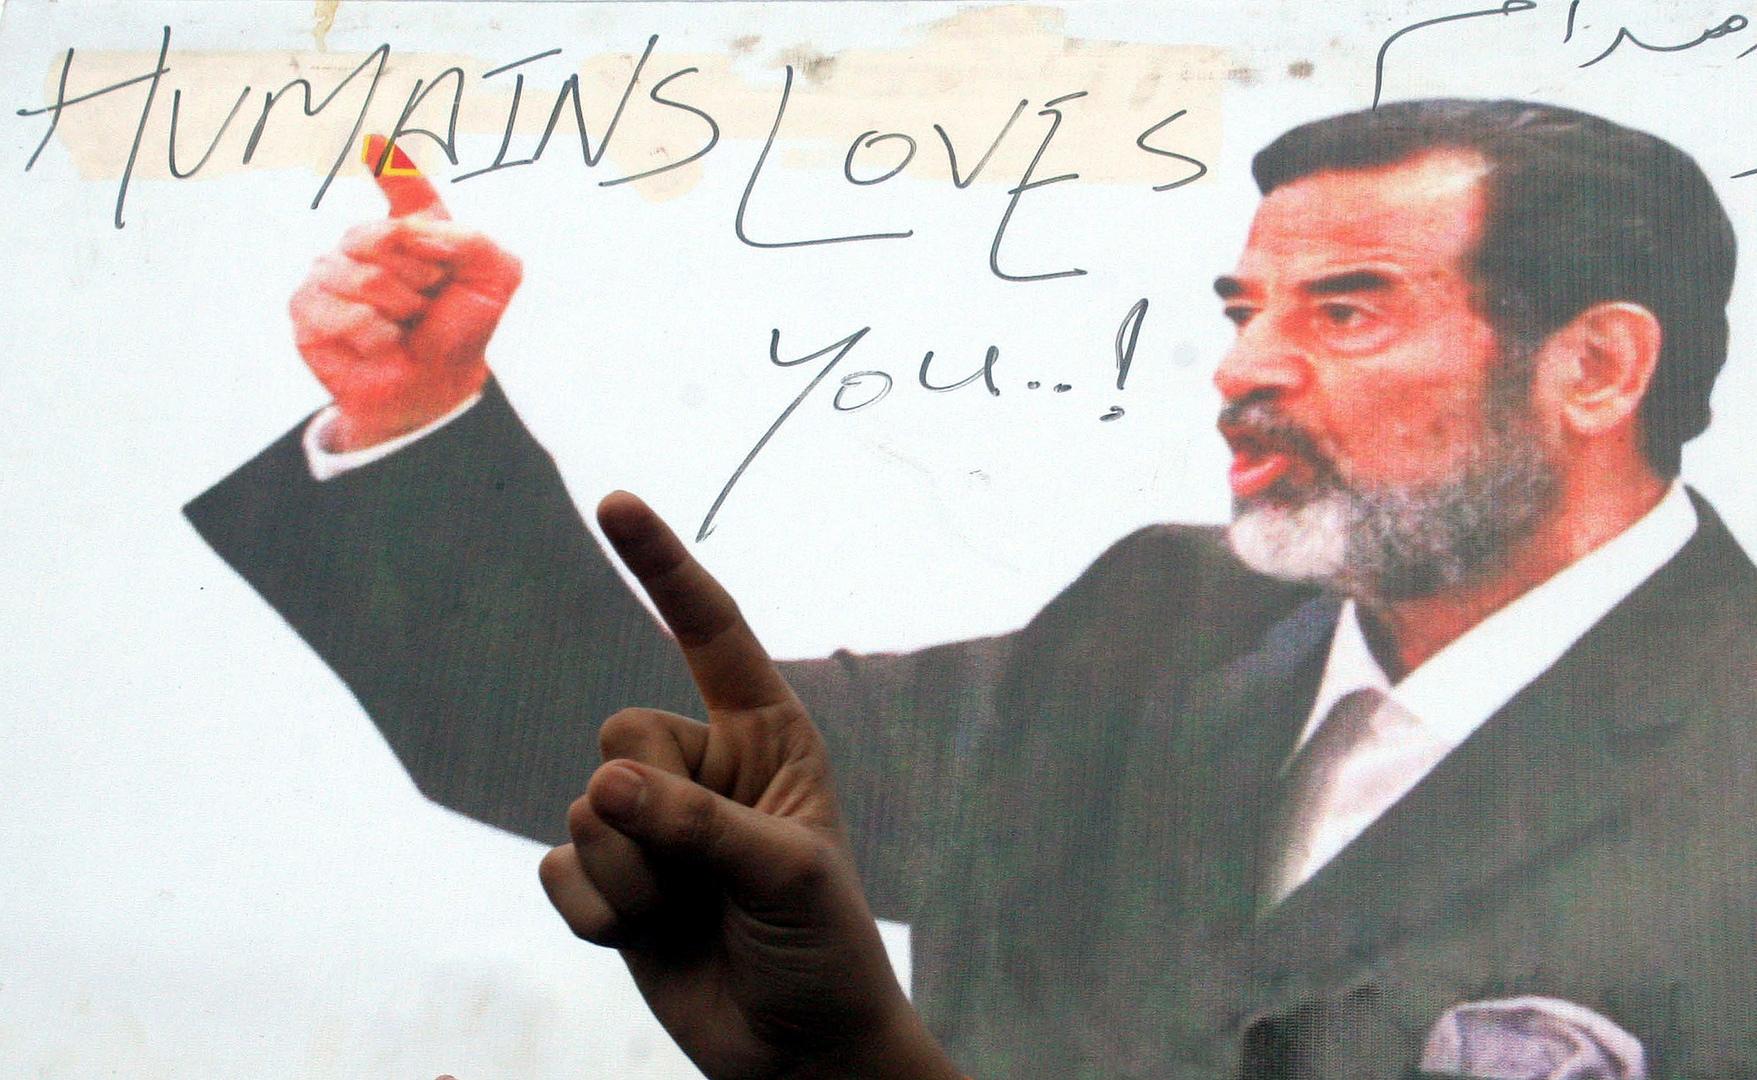 أمير سعودي يعلق على مبررات المالكي لإعدام صدام حسين يوم عيد الأضحى